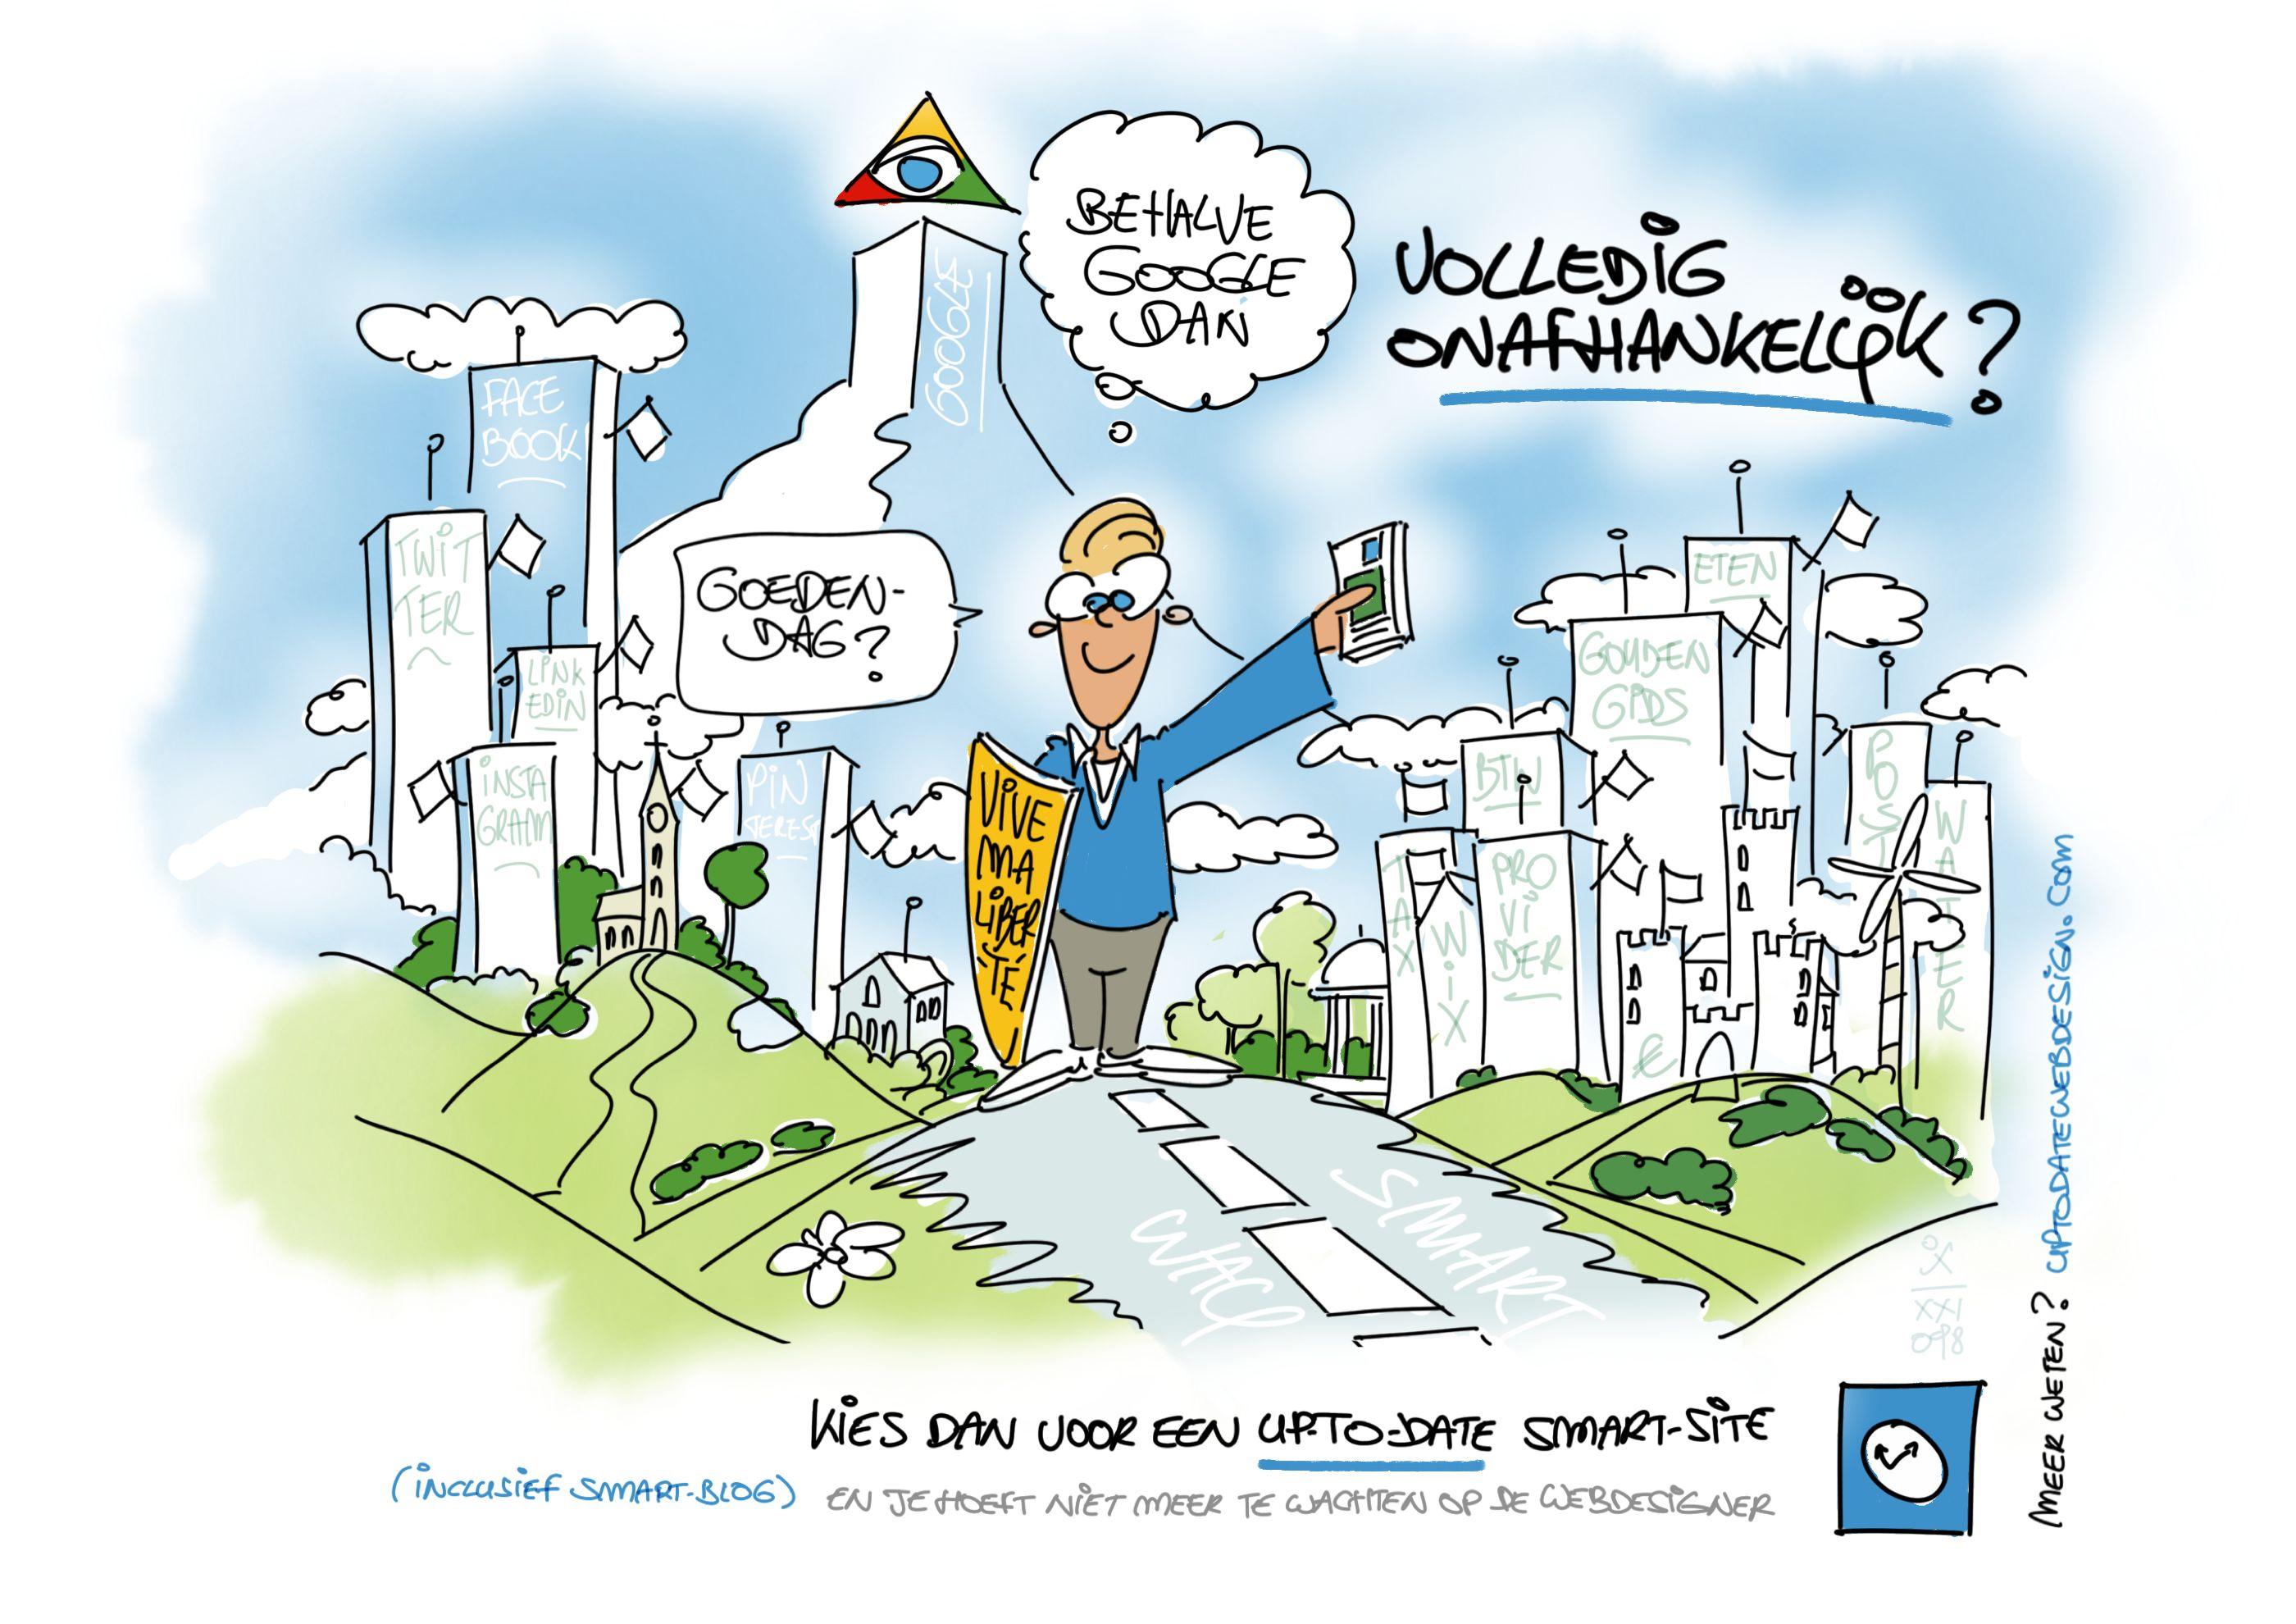 UP-TO-DATE Cartoon 089 - Volledig onafhankelijk - Ivan Jans.PNG